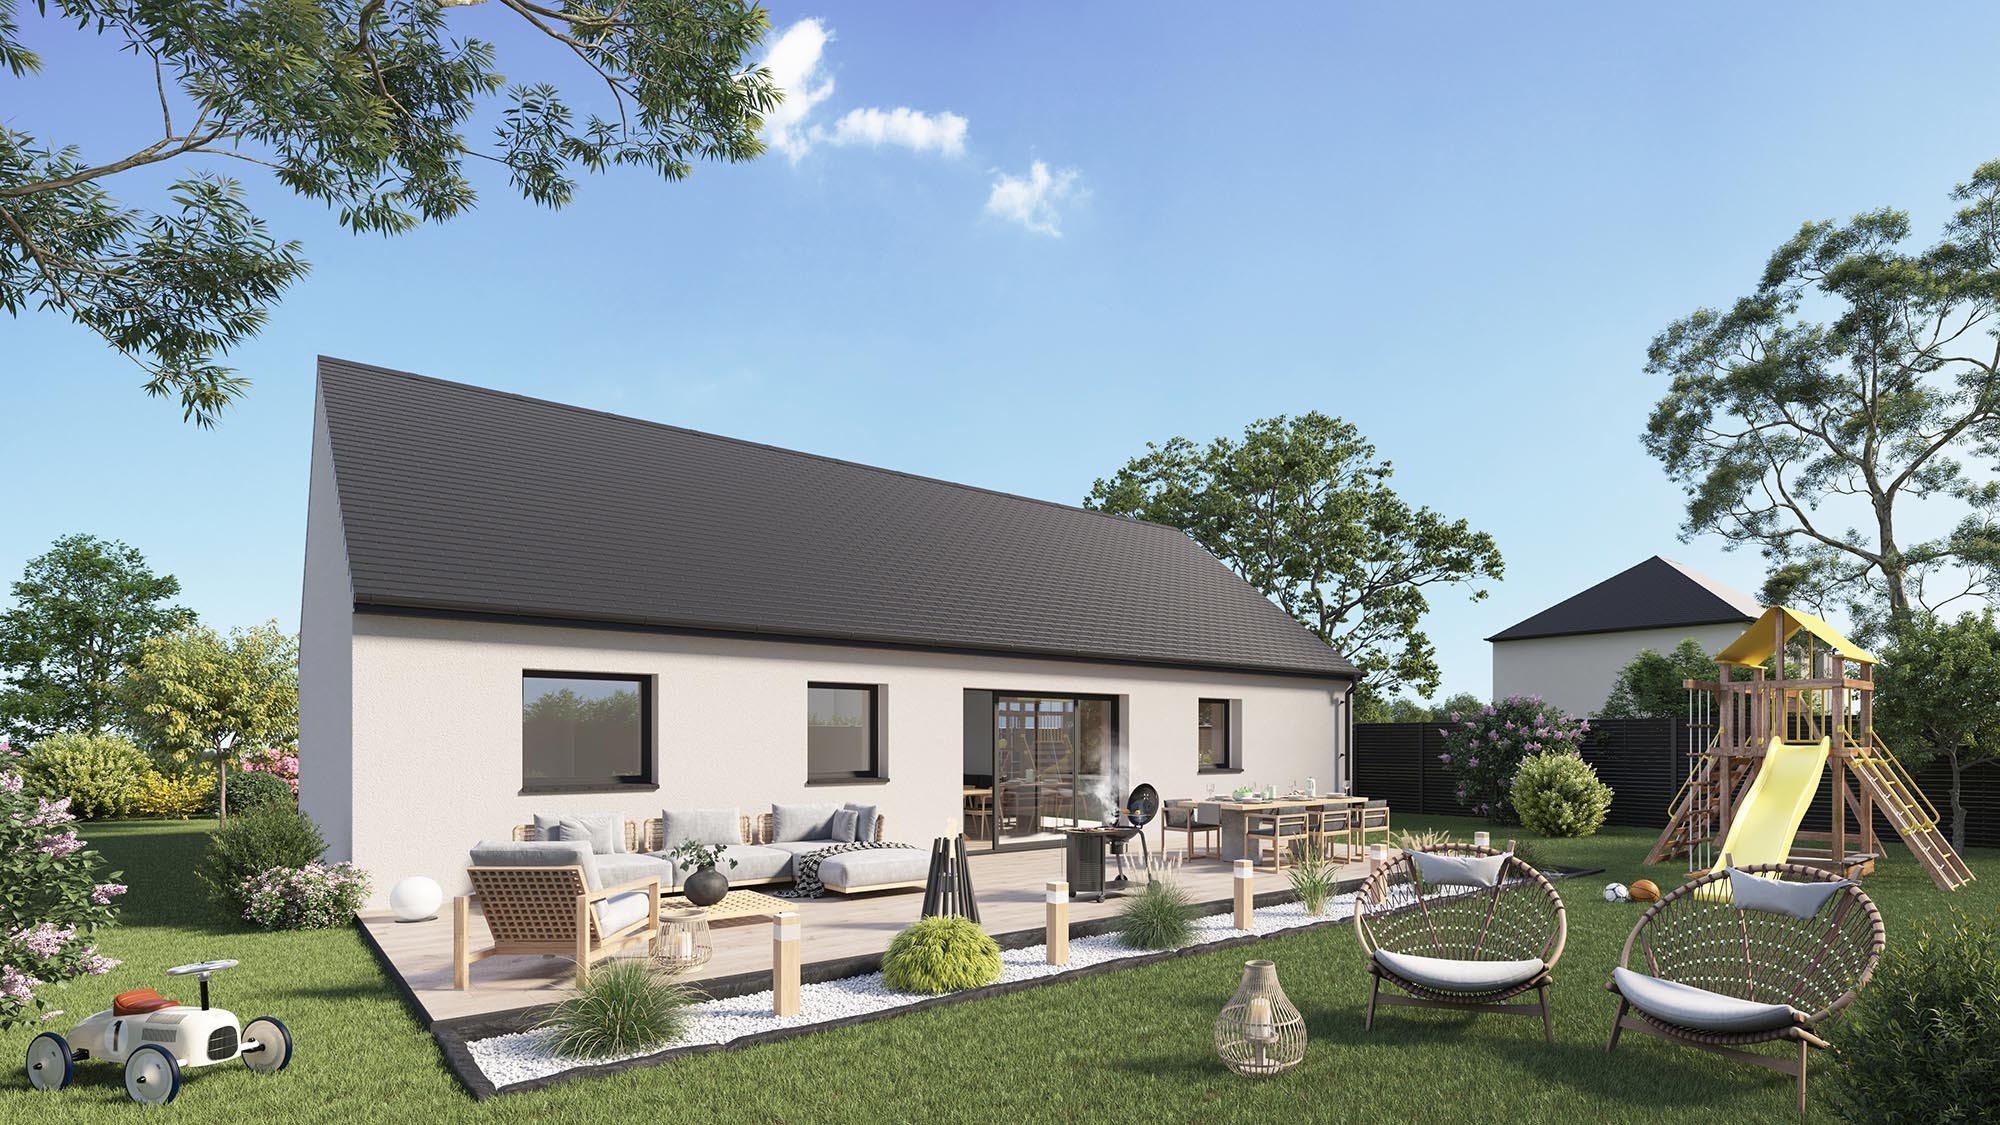 Maisons + Terrains du constructeur MAISON CASTOR REIMS • 96 m² • PONTAVERT